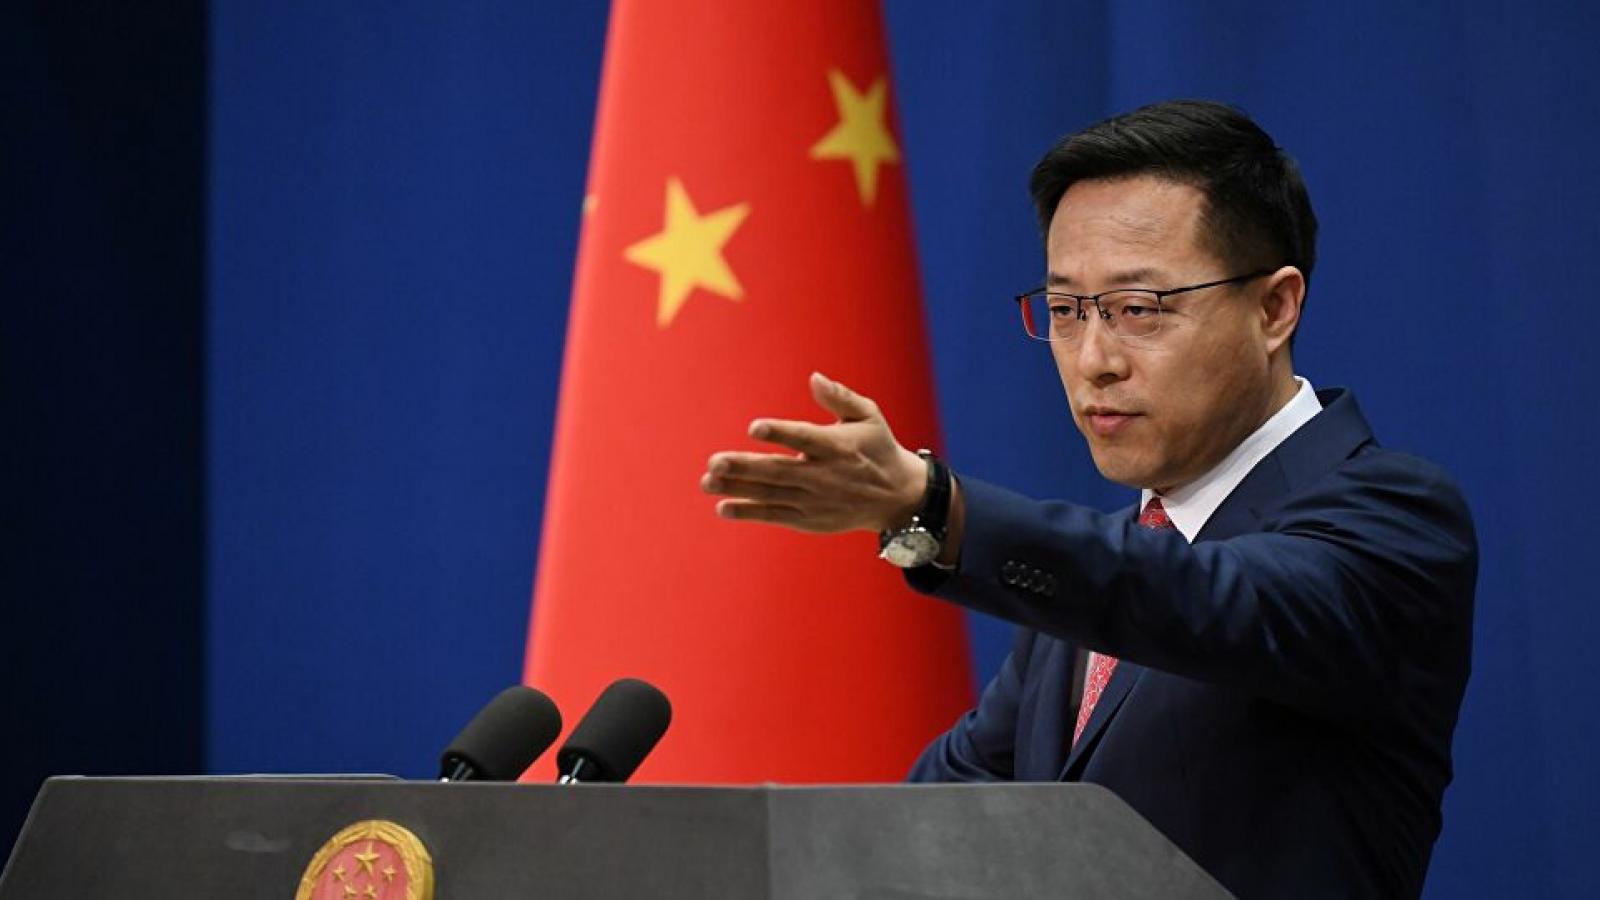 Trung Quốc ủng hộ từ bỏ quyền sở hữu trí tuệ đối với vaccine Covid-19